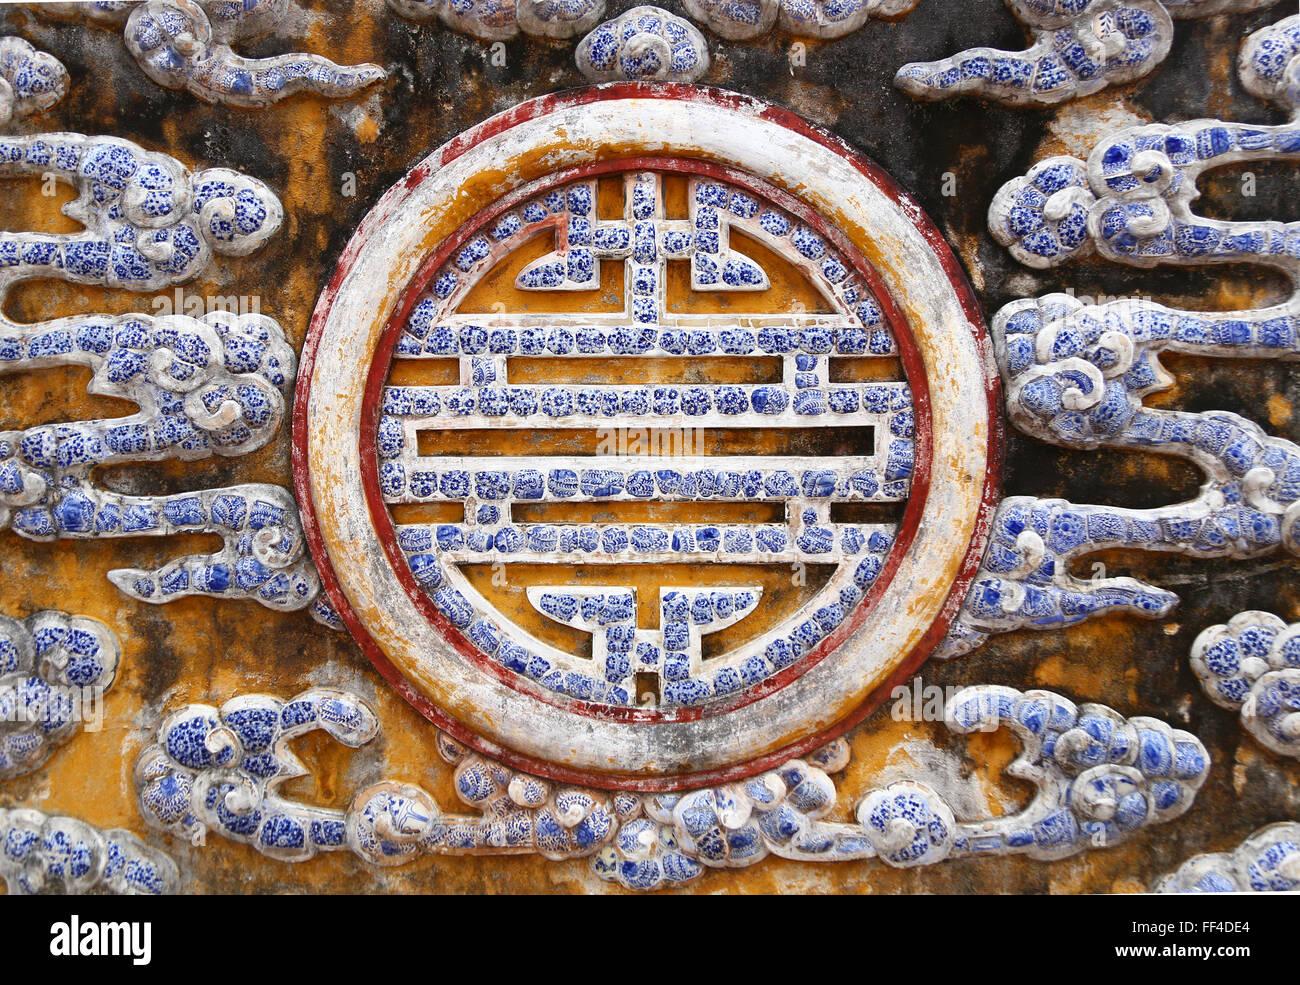 Die chinesische Lu-Zeichen für Wohlstand, ist eine häufig verwendete Symbol in chinesischen Kulturen, Stockbild